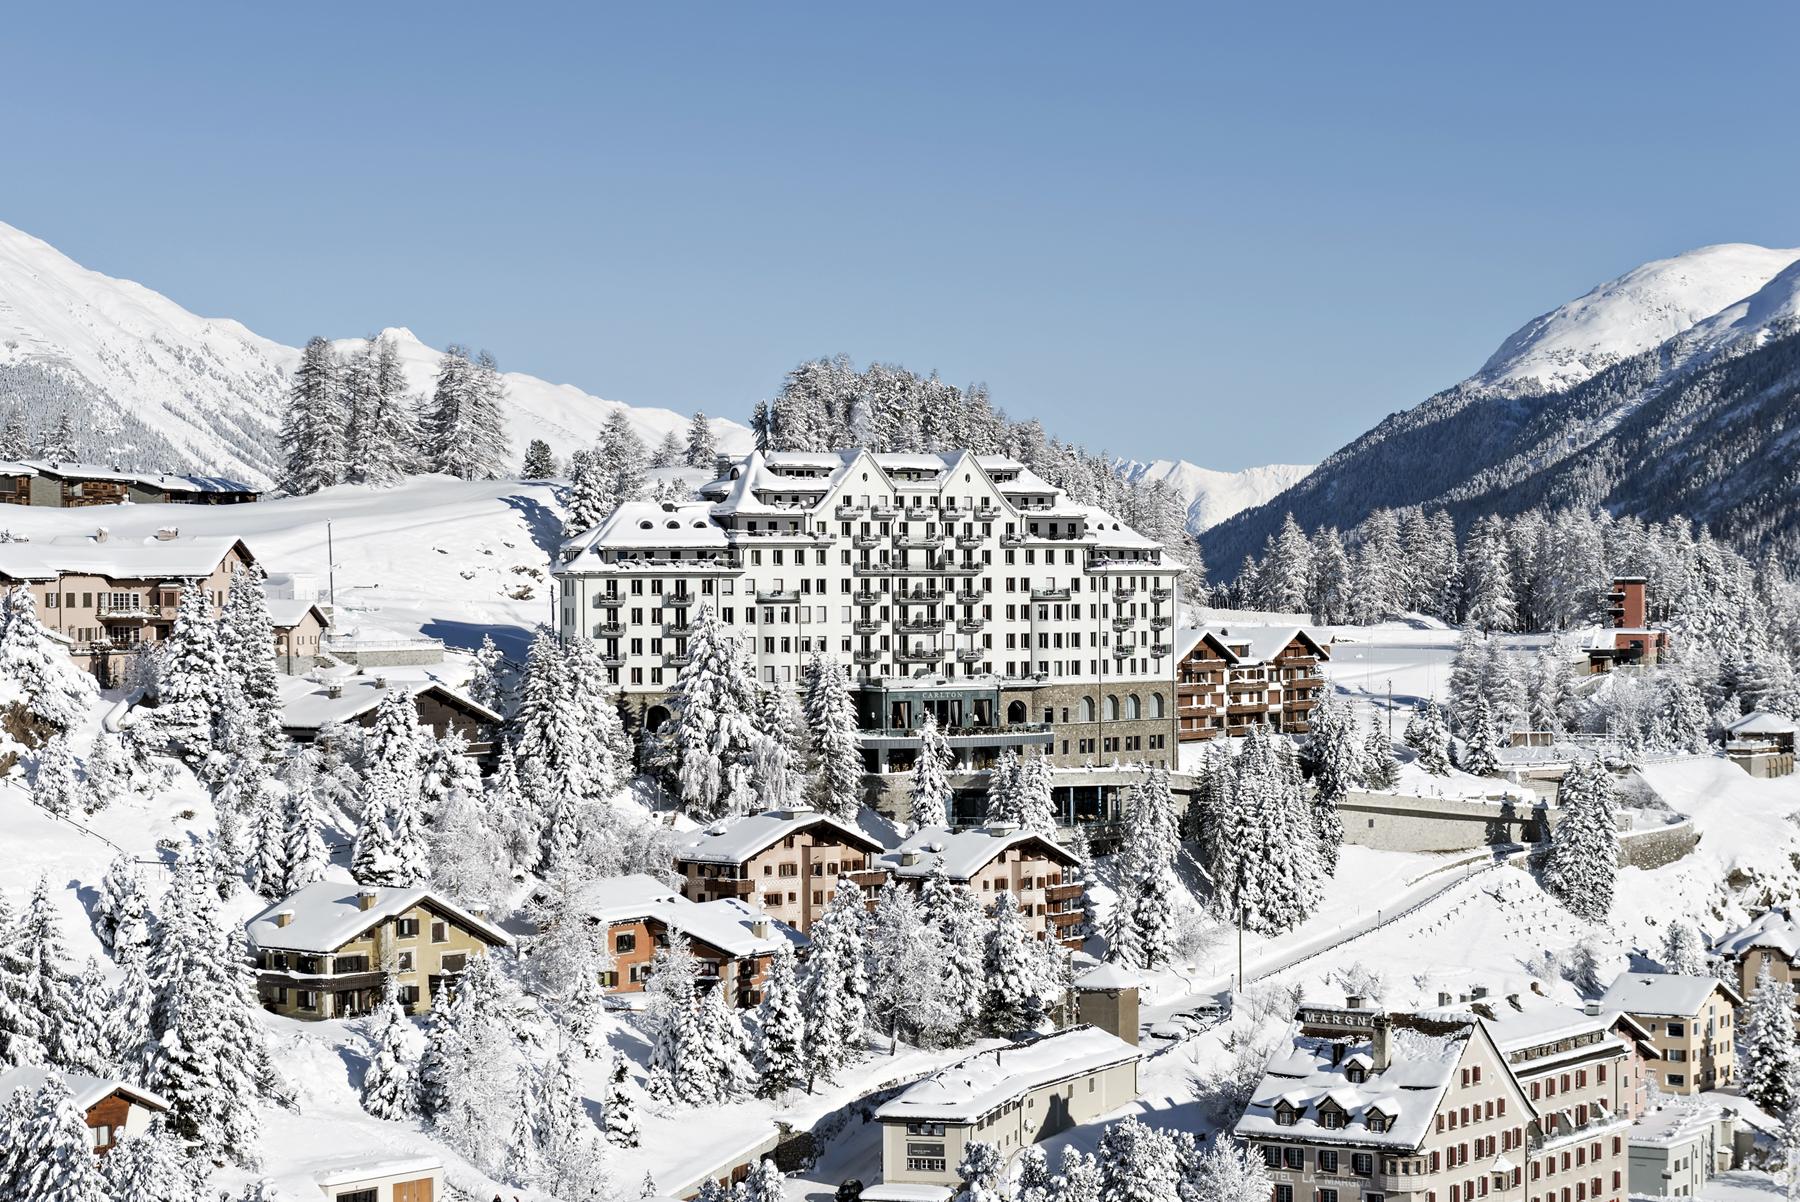 Foto: Tschuggen Hotel Group